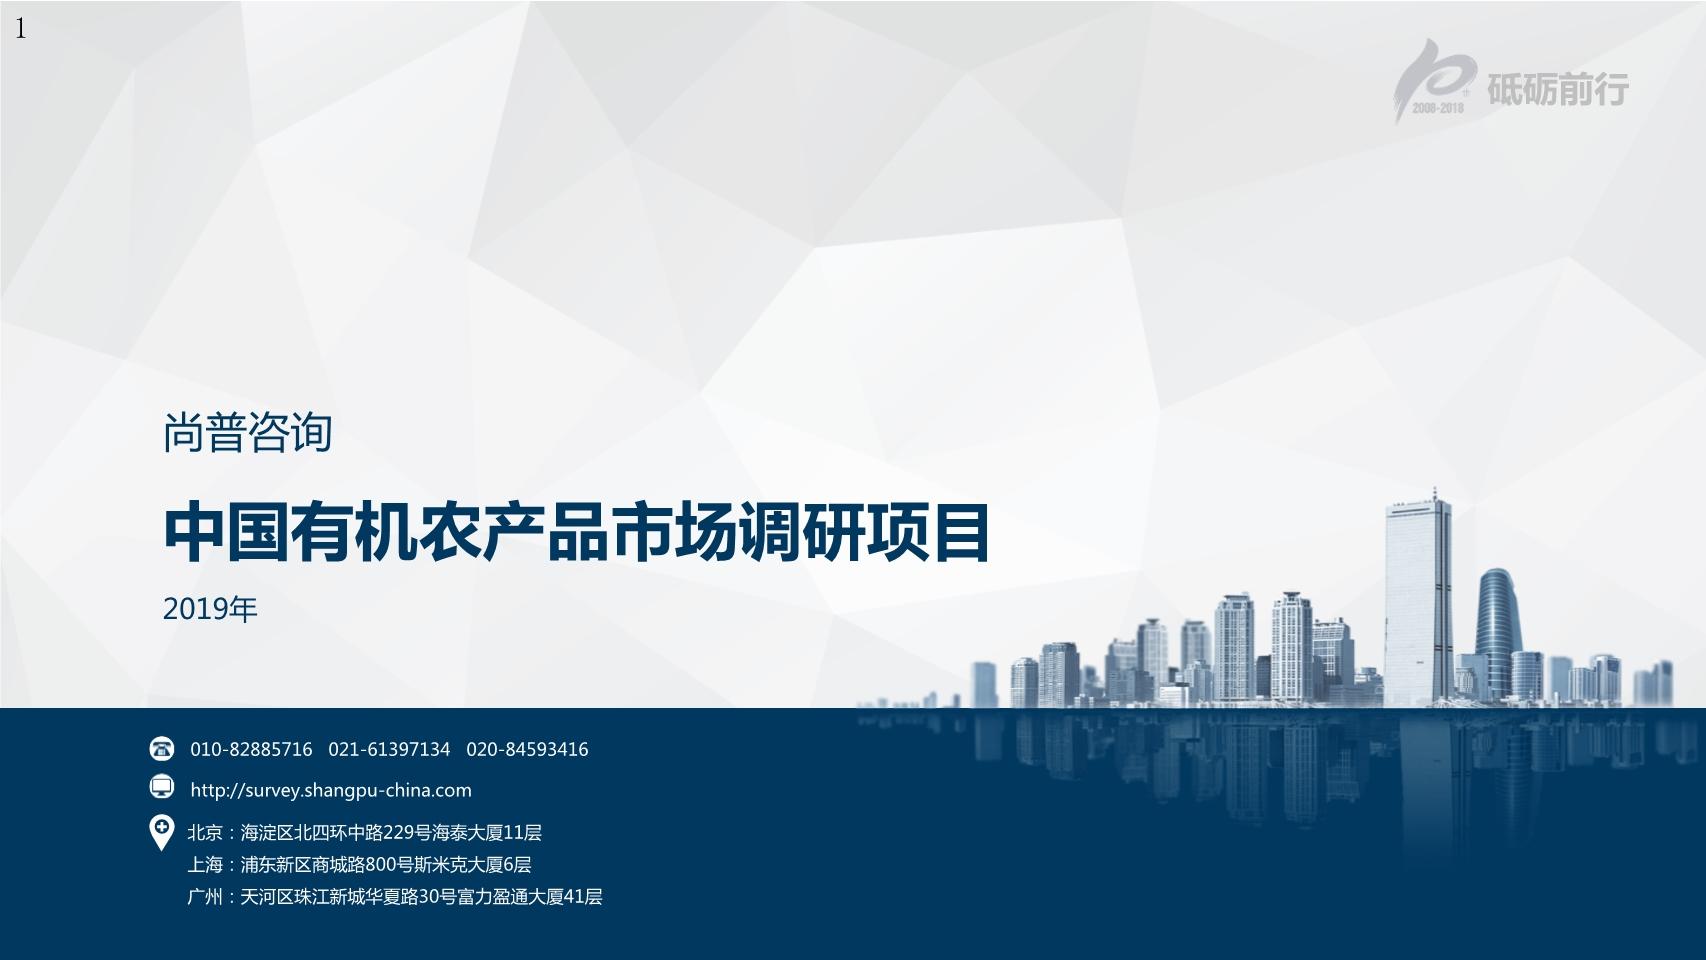 尚普咨询-中国有机农产品市场调研项目